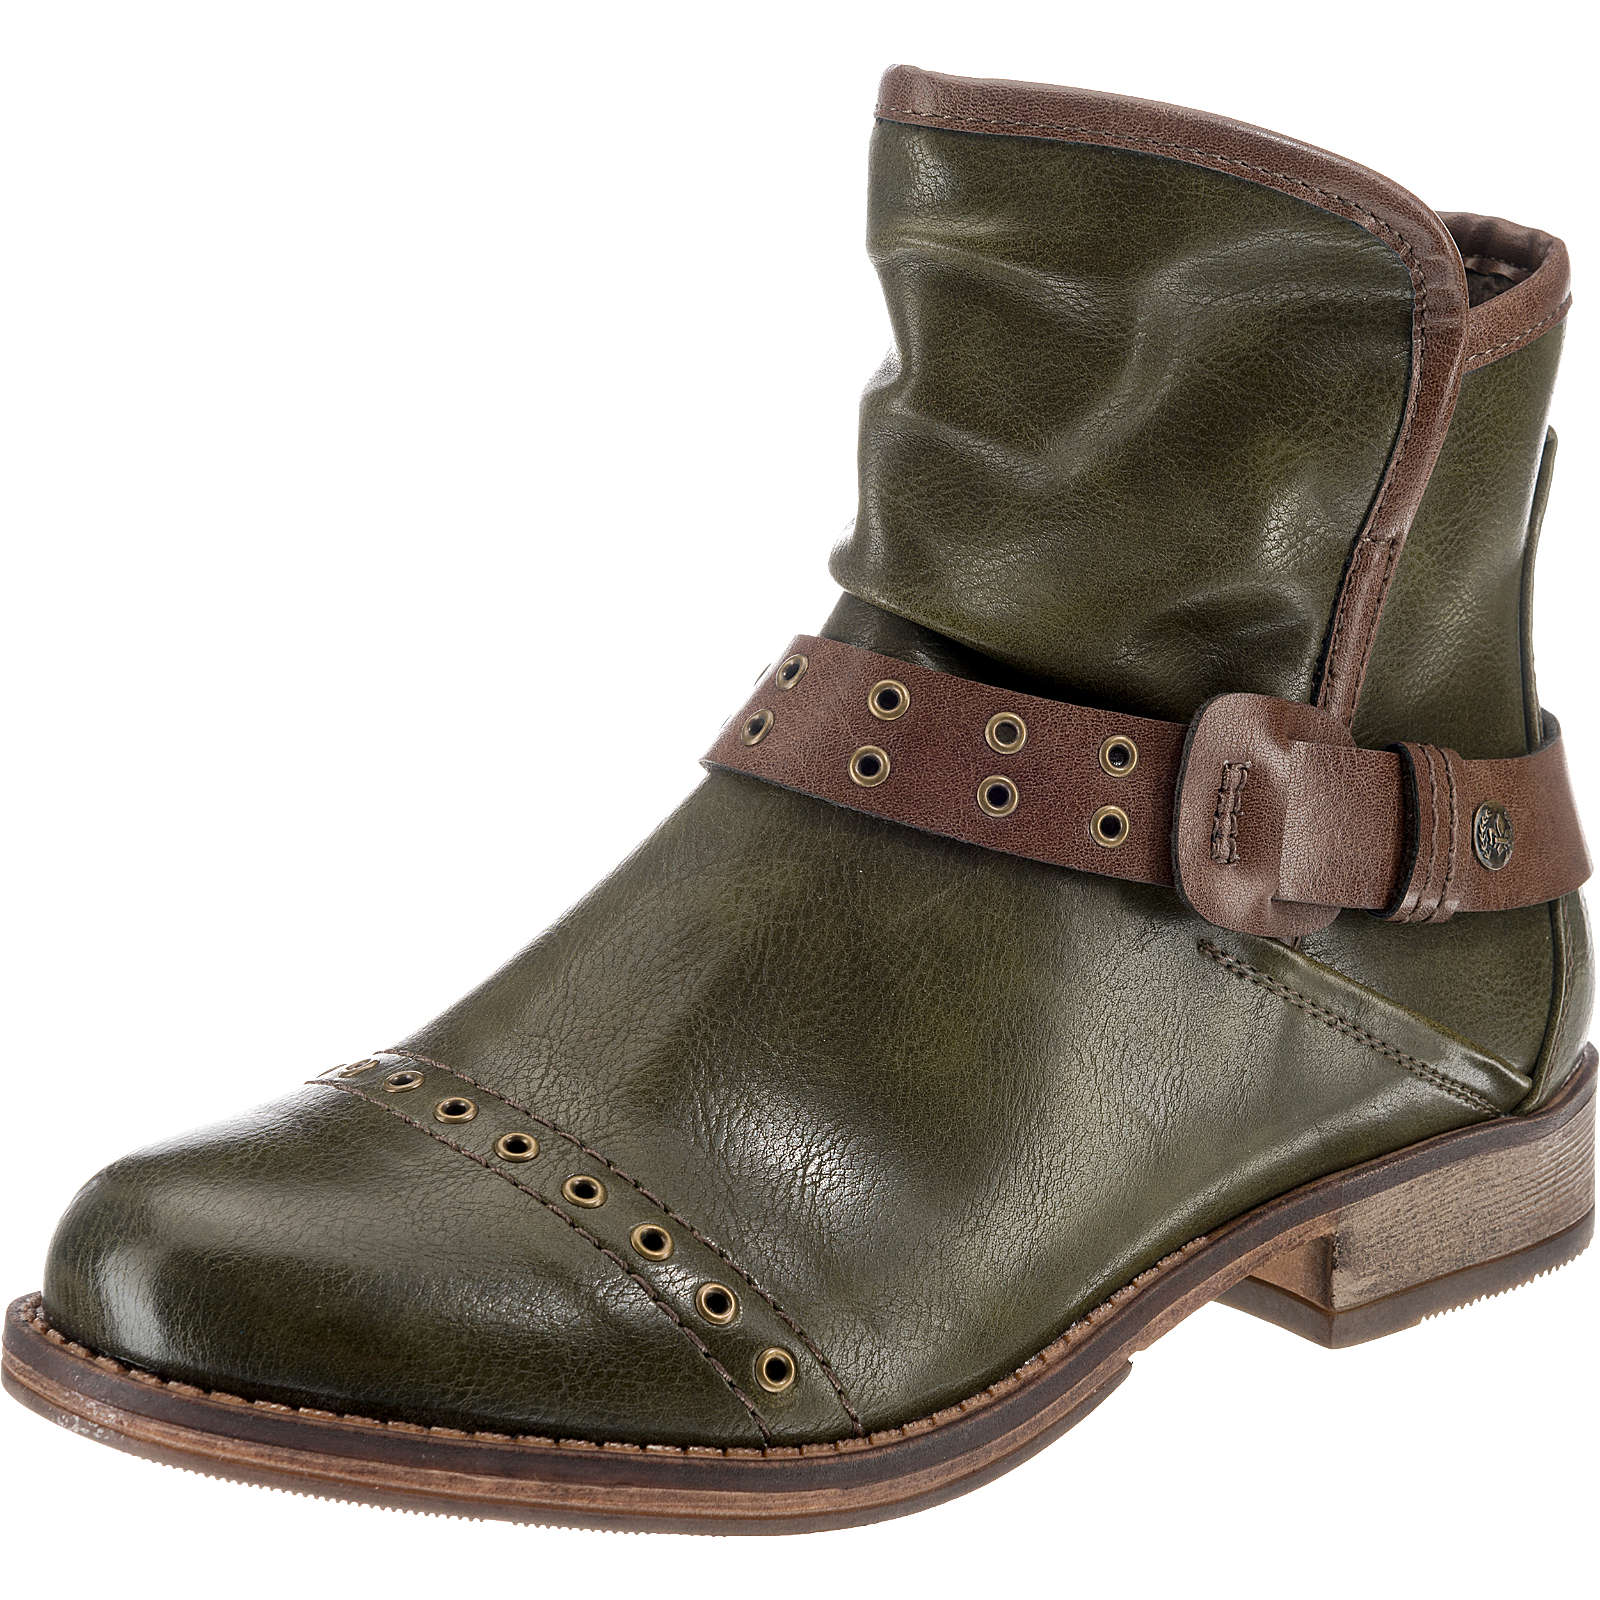 rieker Biker Boots grün Damen Gr. 39